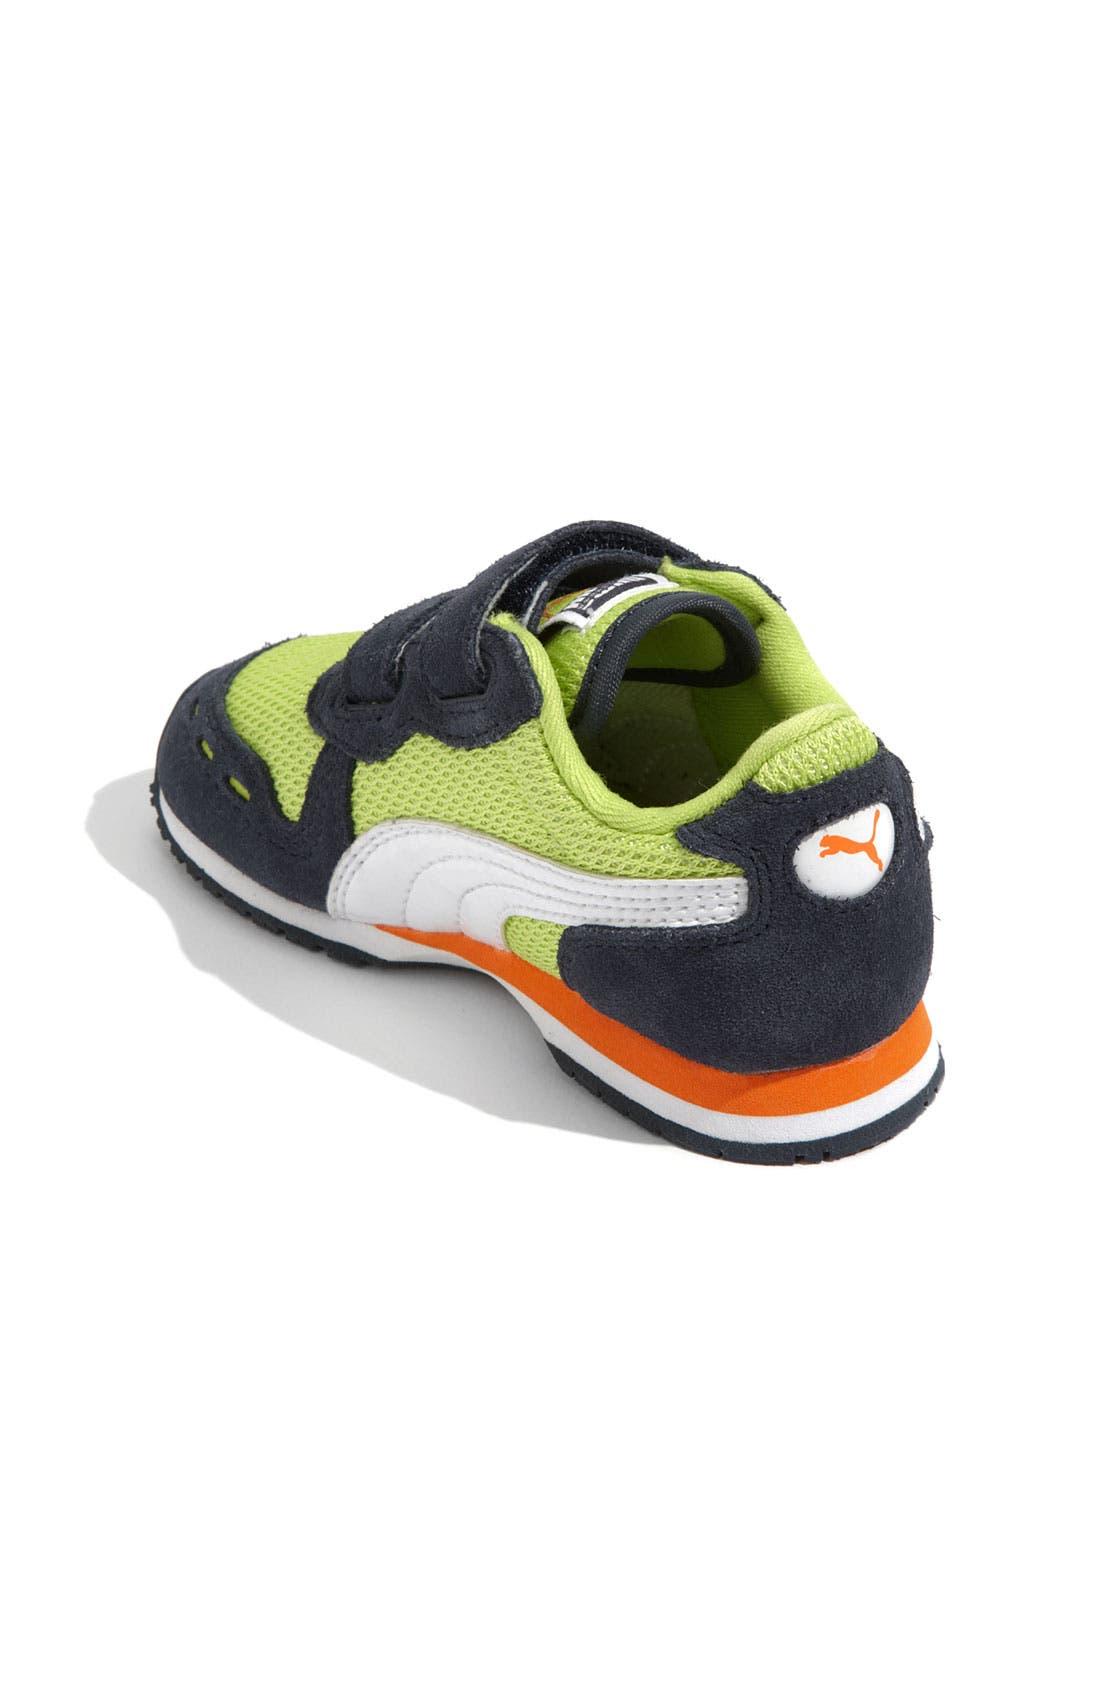 Alternate Image 2  - PUMA 'Cabana Racer' Sneaker (Baby, Walker, Toddler & Little Kid)